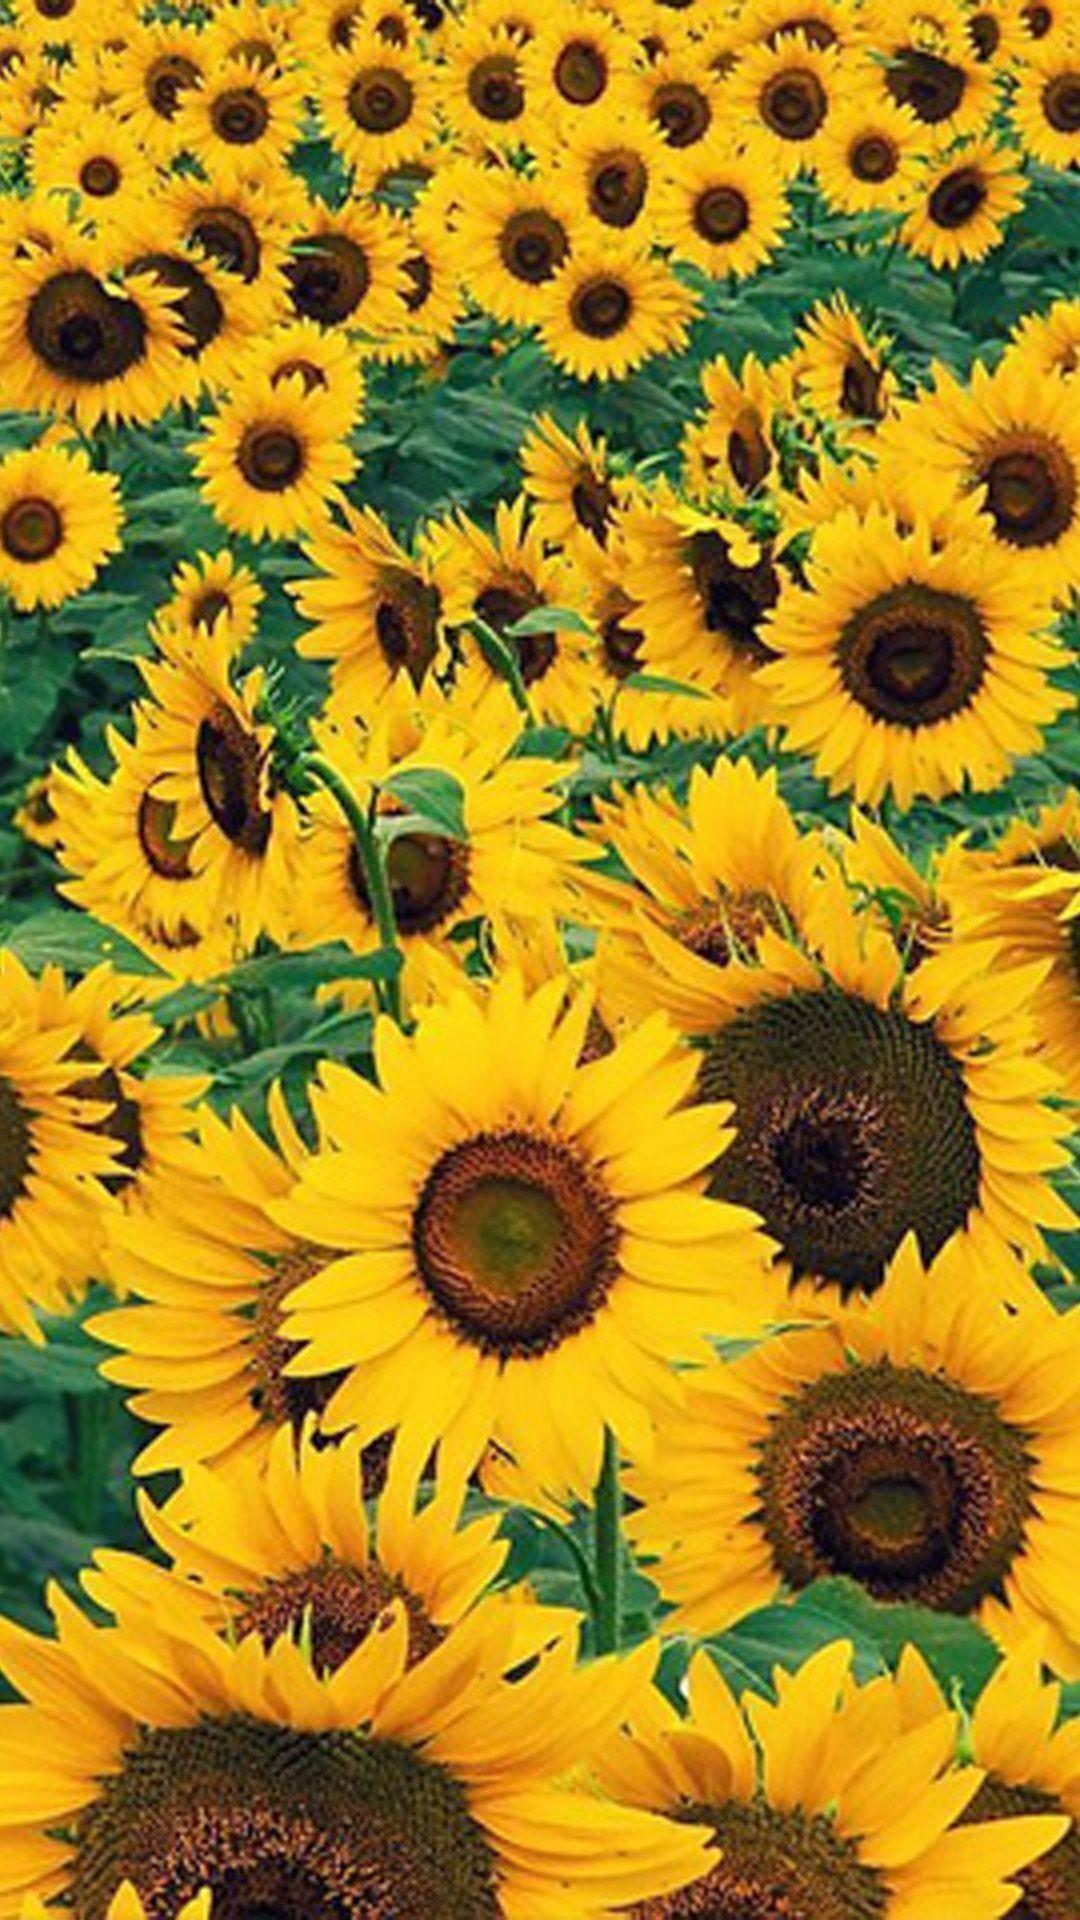 Sunflower Wallpaper Desktop : sunflower, wallpaper, desktop, Yellow, Sunflowers, Android,, IPhone,, Desktop, Backgrounds, Wallpapers, (1080p,, 4k)…, Sunflower, Iphone, Wallpaper,, Wallpaper, Christmas